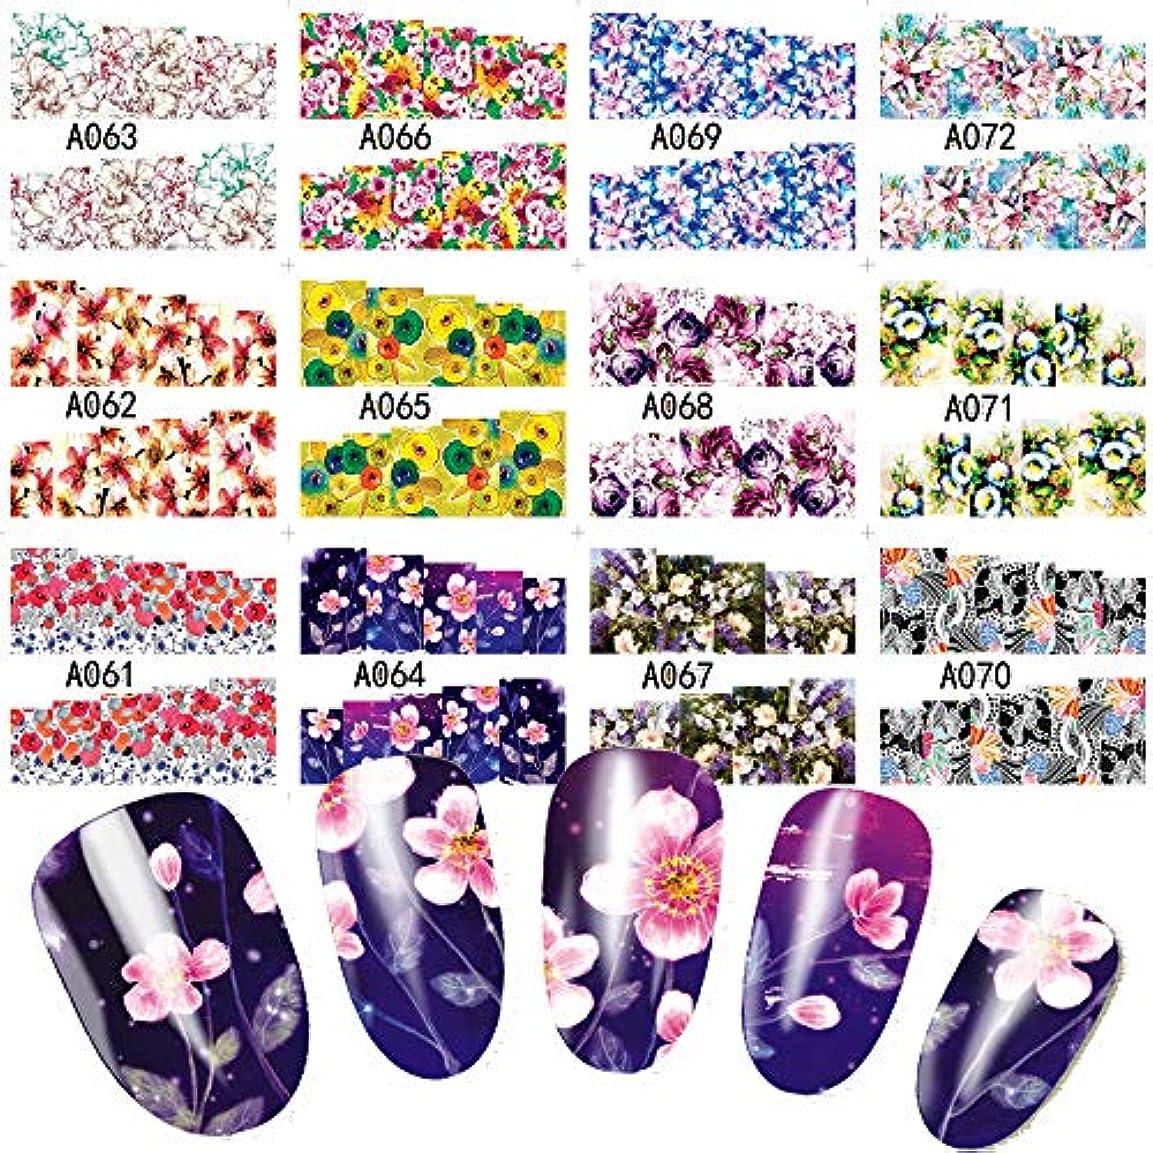 リンス純粋な彼ら48枚3Dデザインネイルシール自己接着ネイルアートヒントステッカーデカール(自然、植物、花シリーズ)